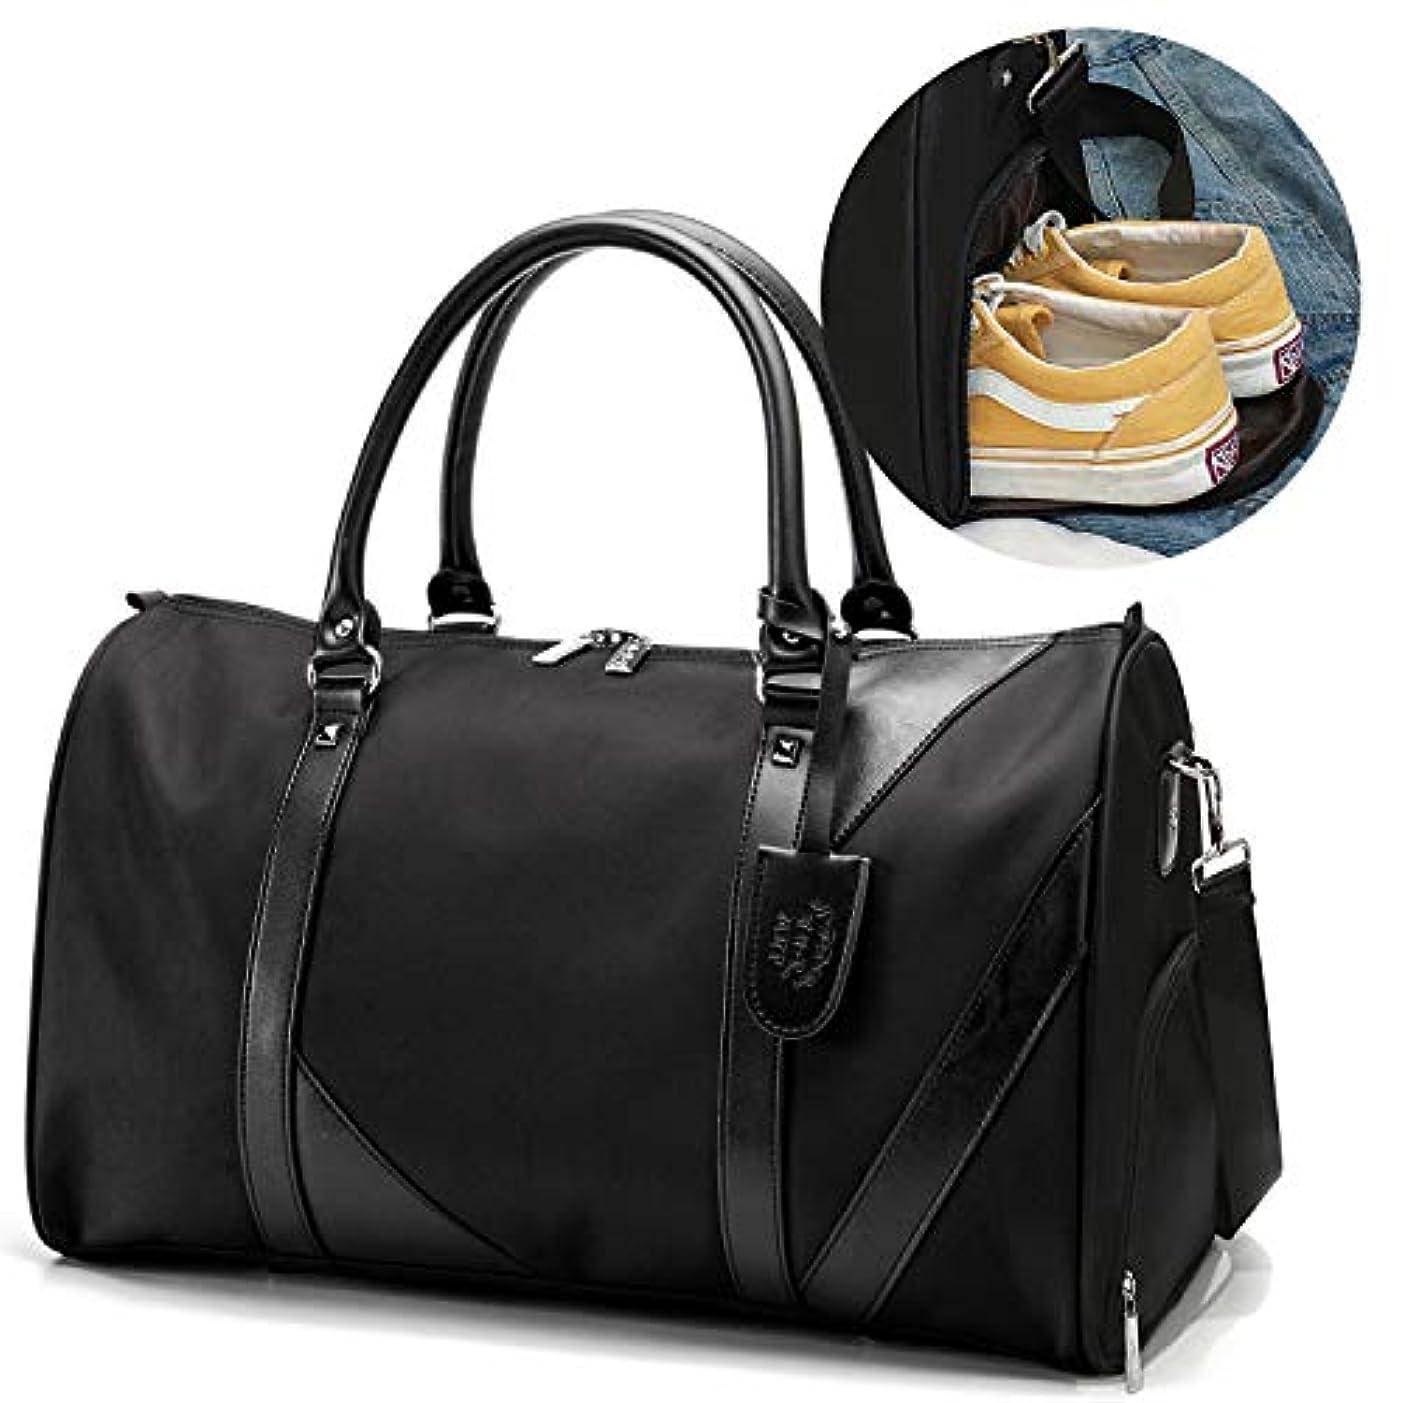 アクセスできない蜜高揚した[TcIFE]ボストンバッグ レディース メンズ スポーツダッフルバッグ ガーメントバッグ 大容量 修学 旅行トラベルバッグ シューズ収納バッグ